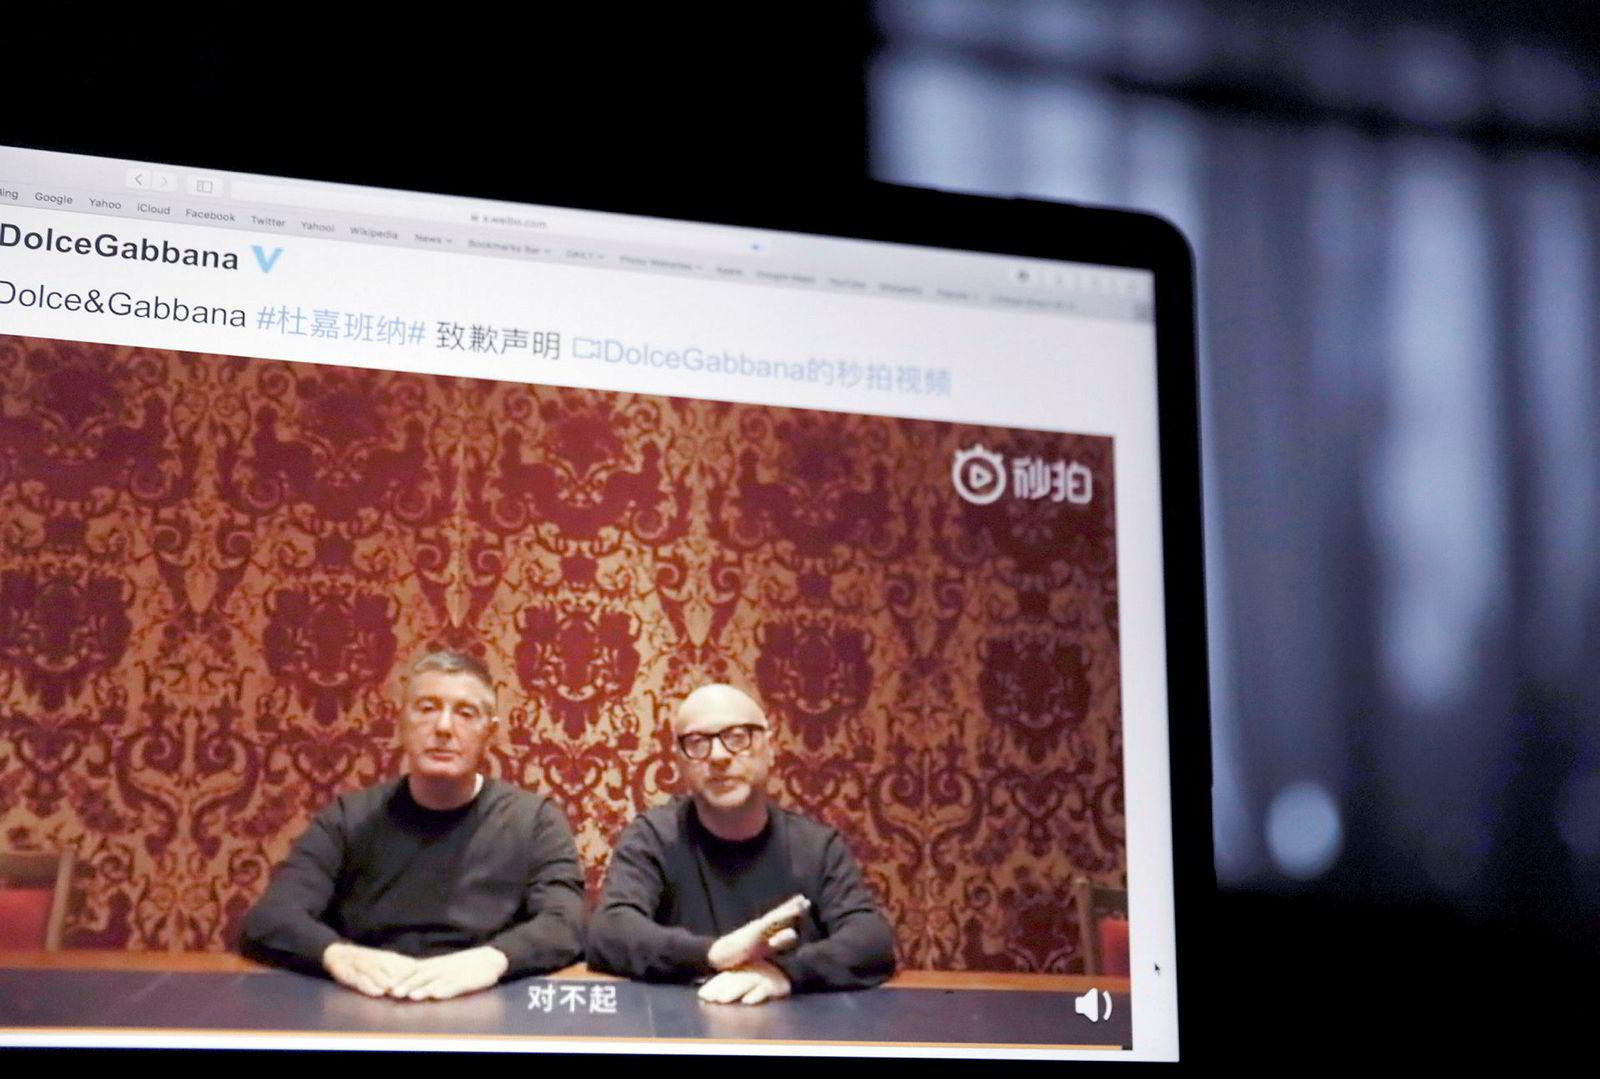 Grunnleggerne av Dolce & Gabbana, Domenico Dolce og Stefano Gabbana, forsøker å drive brannslukning i Kina ved å beklage i en video. Dette kommer etter at selskapet er utsatt for boikott og kunder brenner selskapets produkter i protest mot en reklamekampanje og uttalelser fra Gabbana.